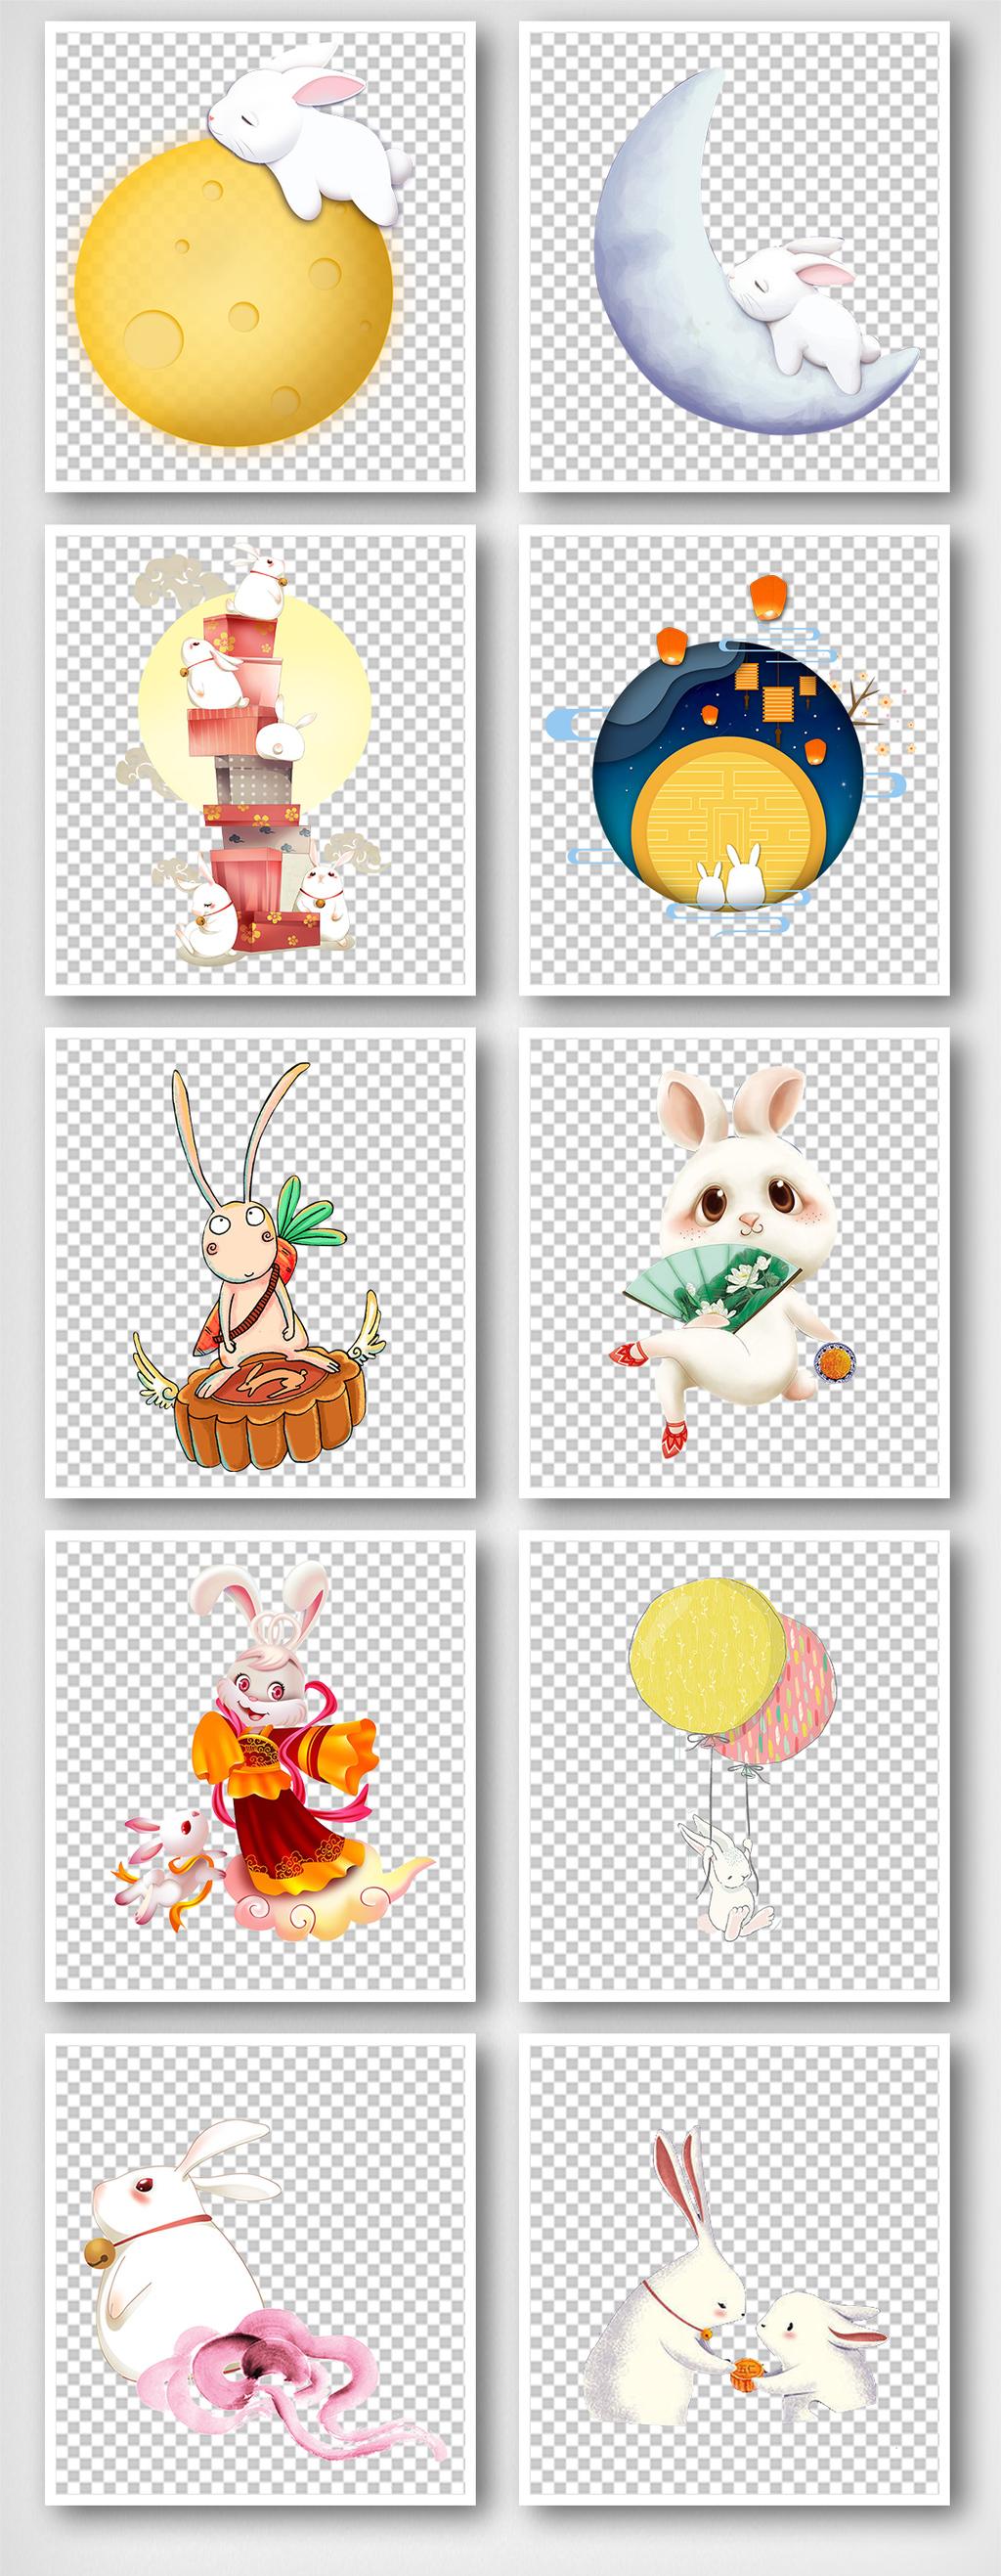 中秋节玉兔月亮桂花树赏月素材